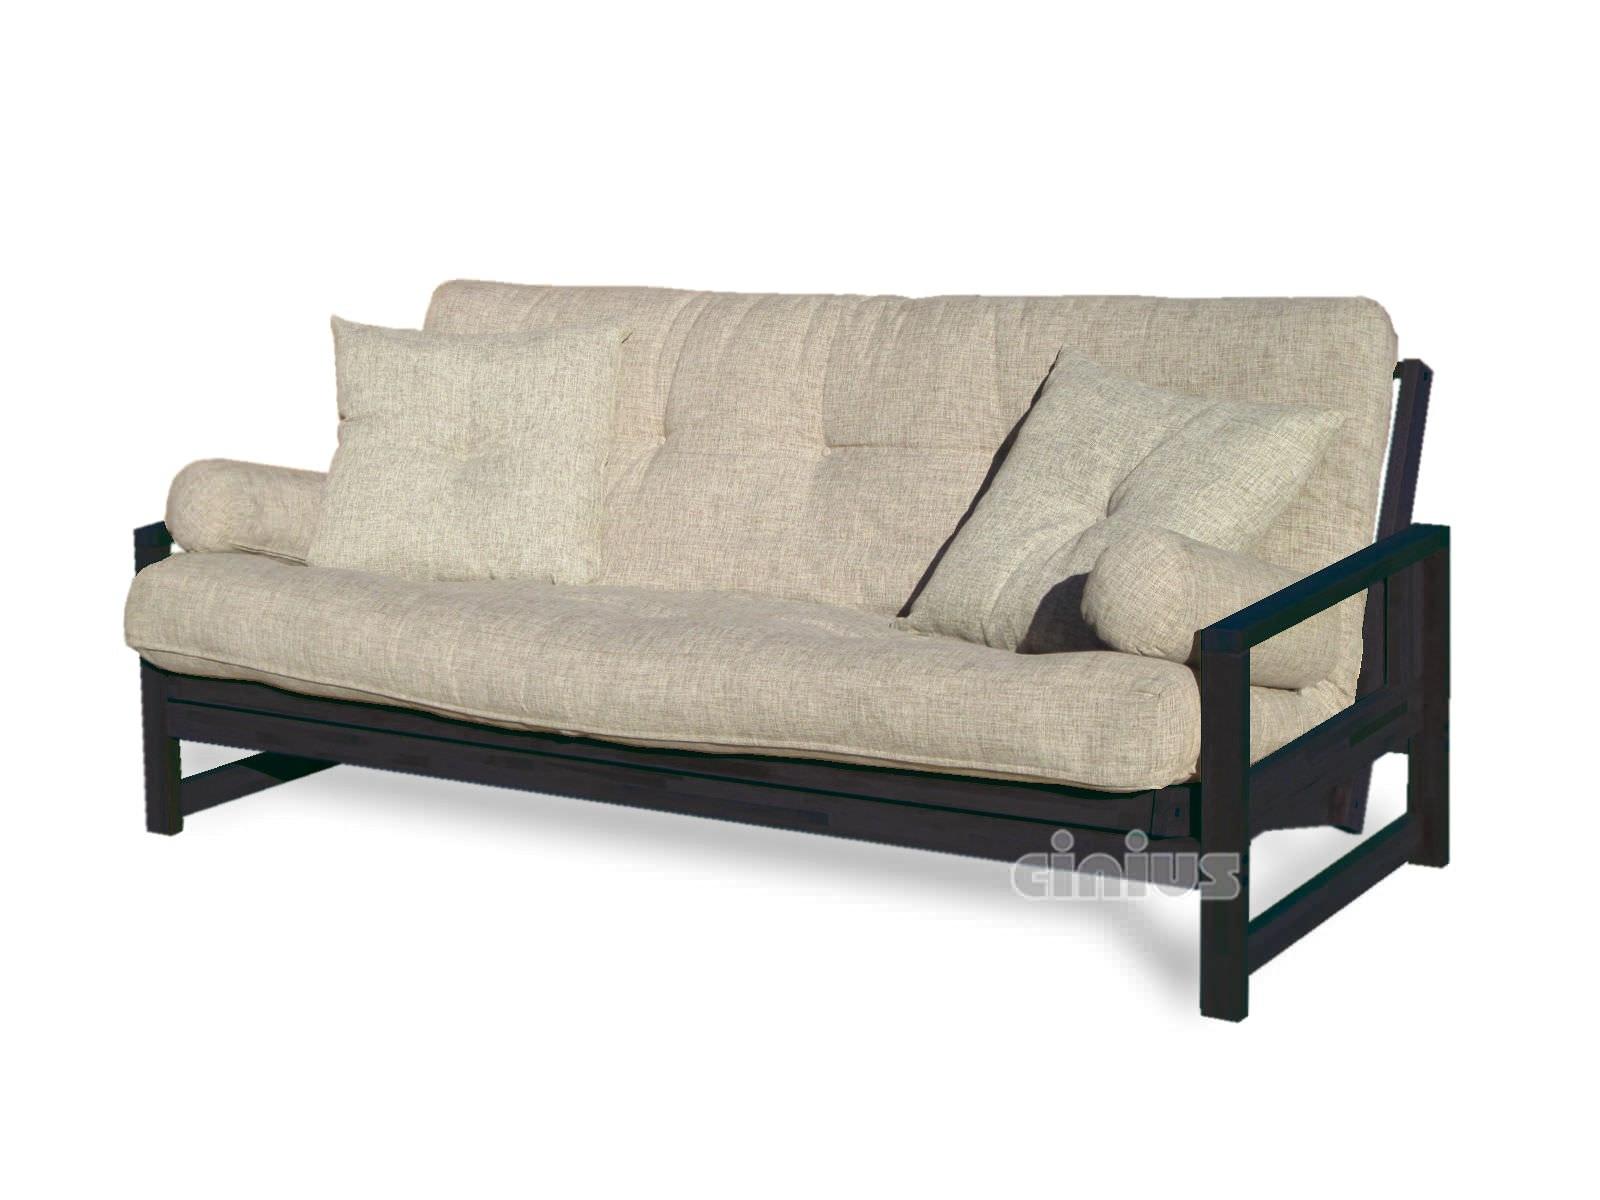 Canapé Ikea Klippan Frais Photos Les 27 Best Futon Canapé Collection